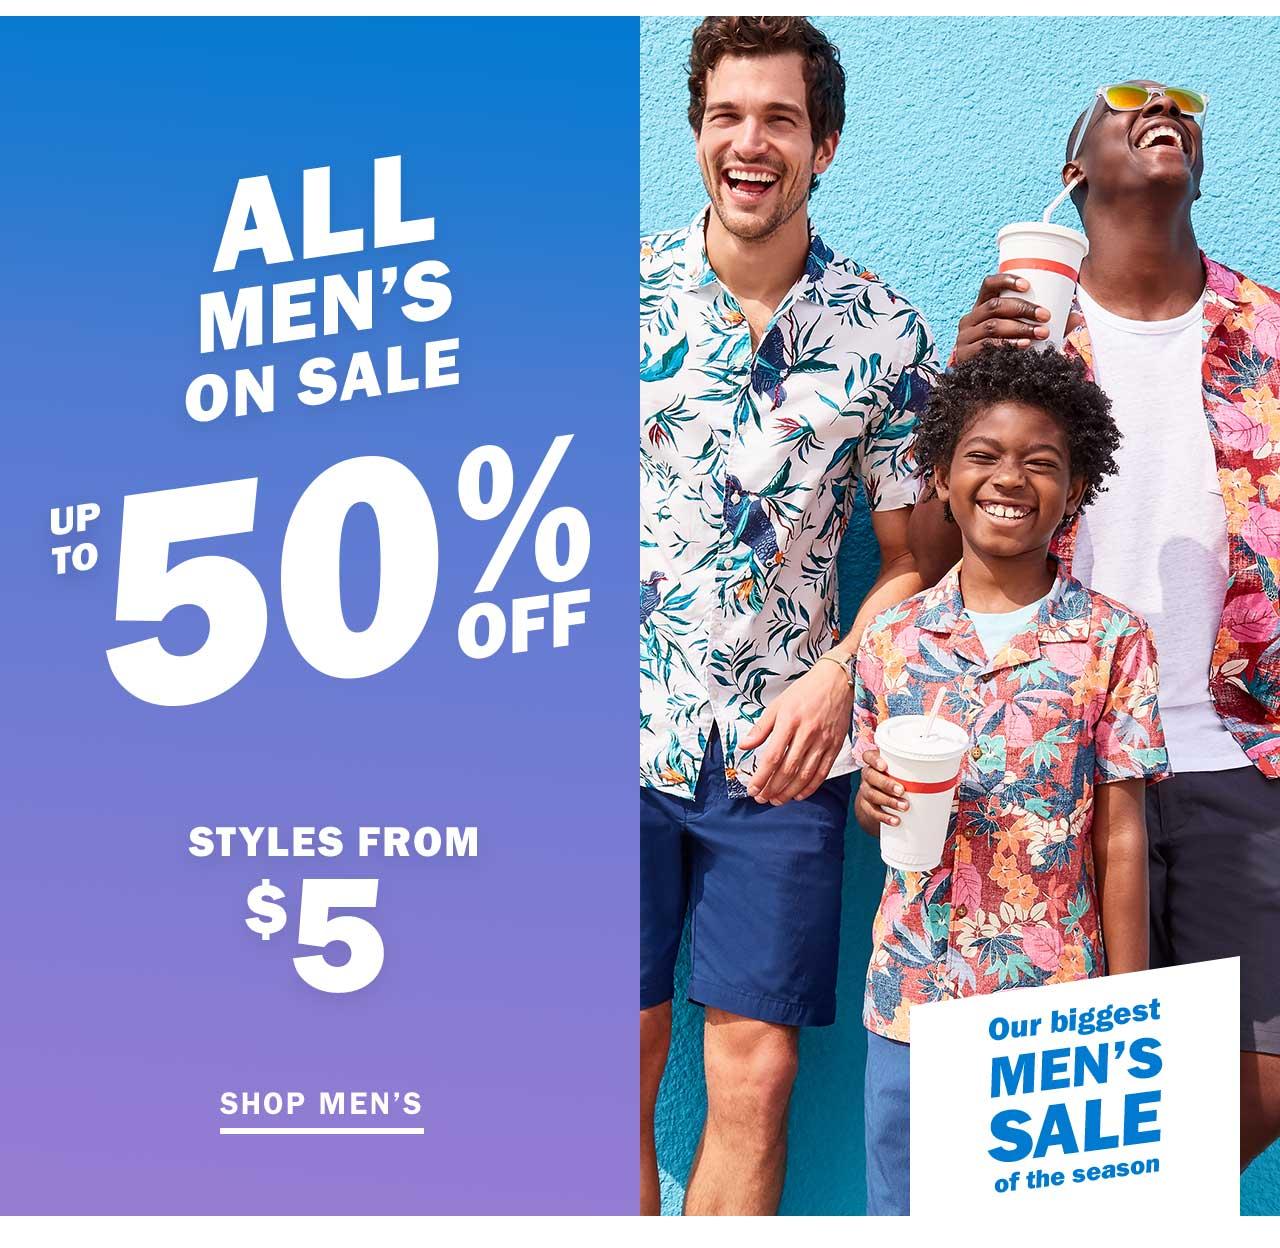 ALL MEN'S ON SALE   UP TO 50% OFF   SHOP MEN'S